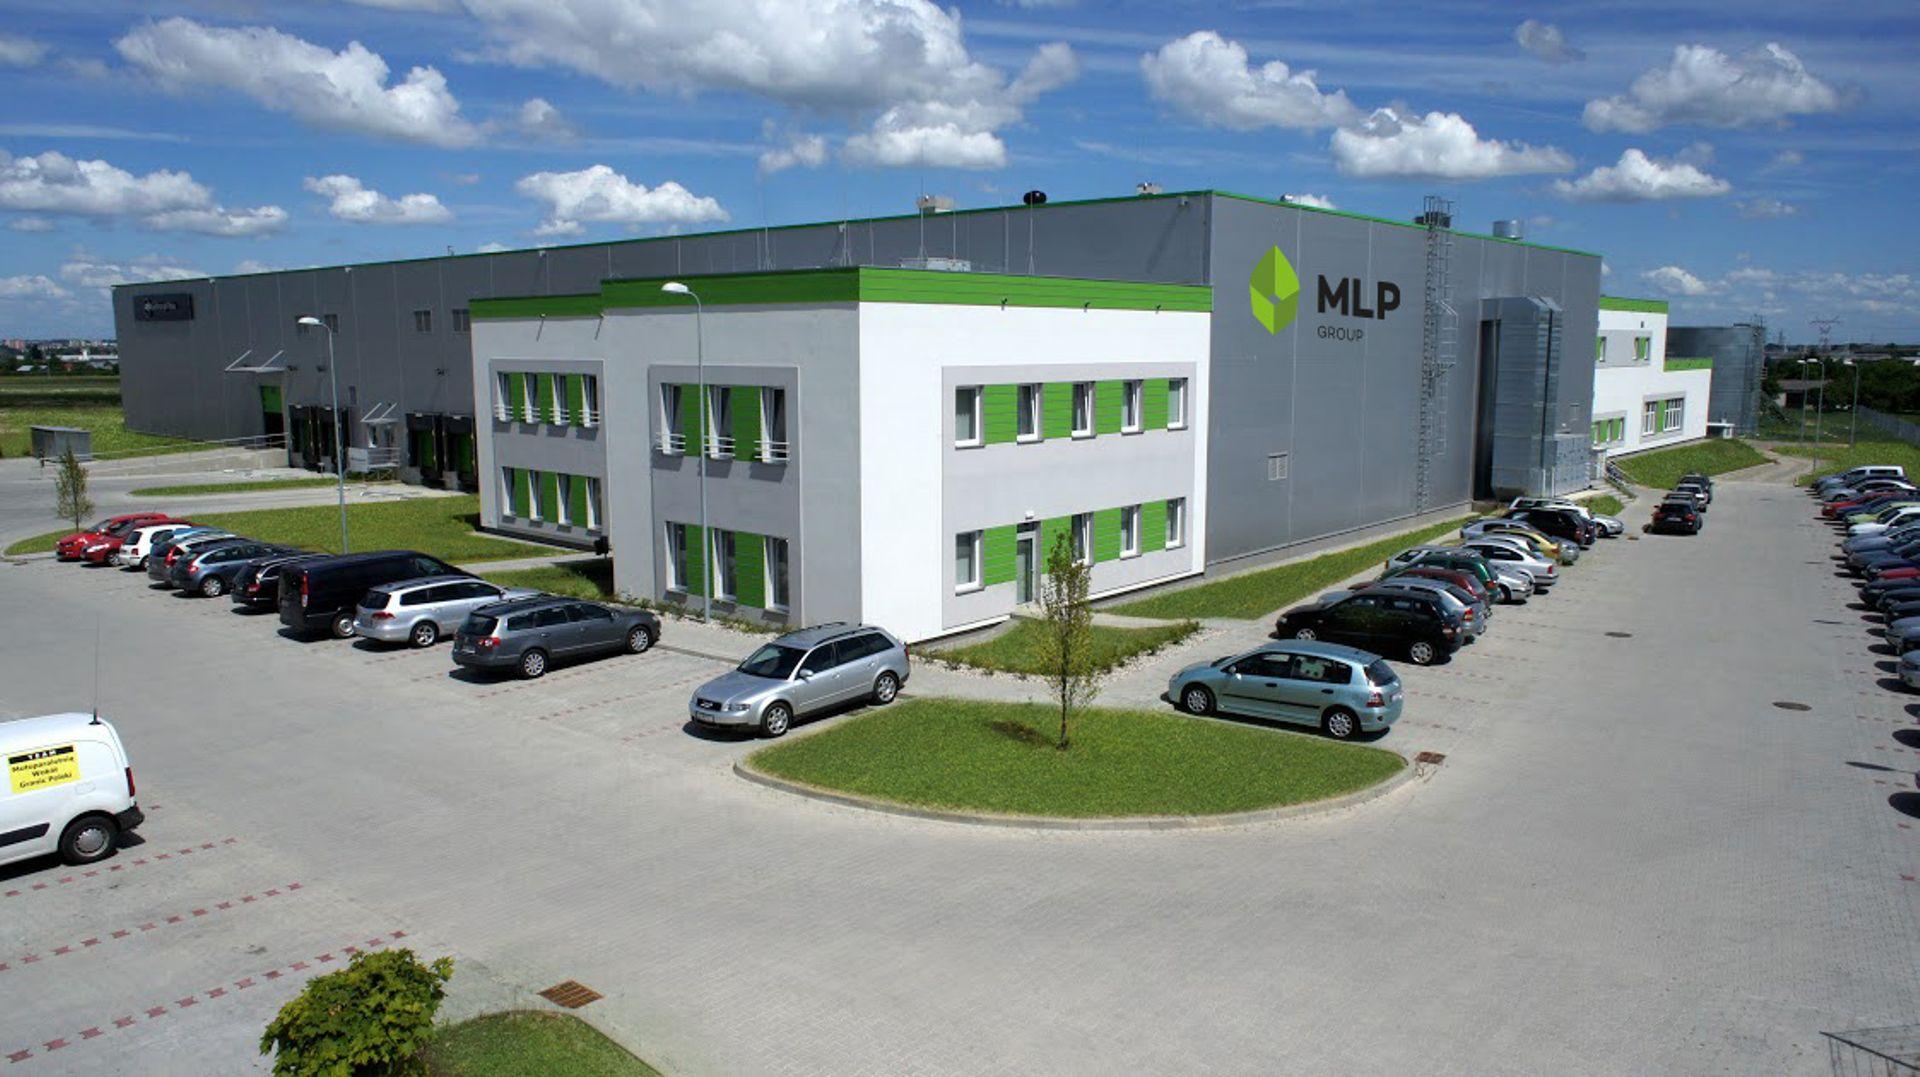 [Lublin] Park MLP Lublin został w całości wynajęty